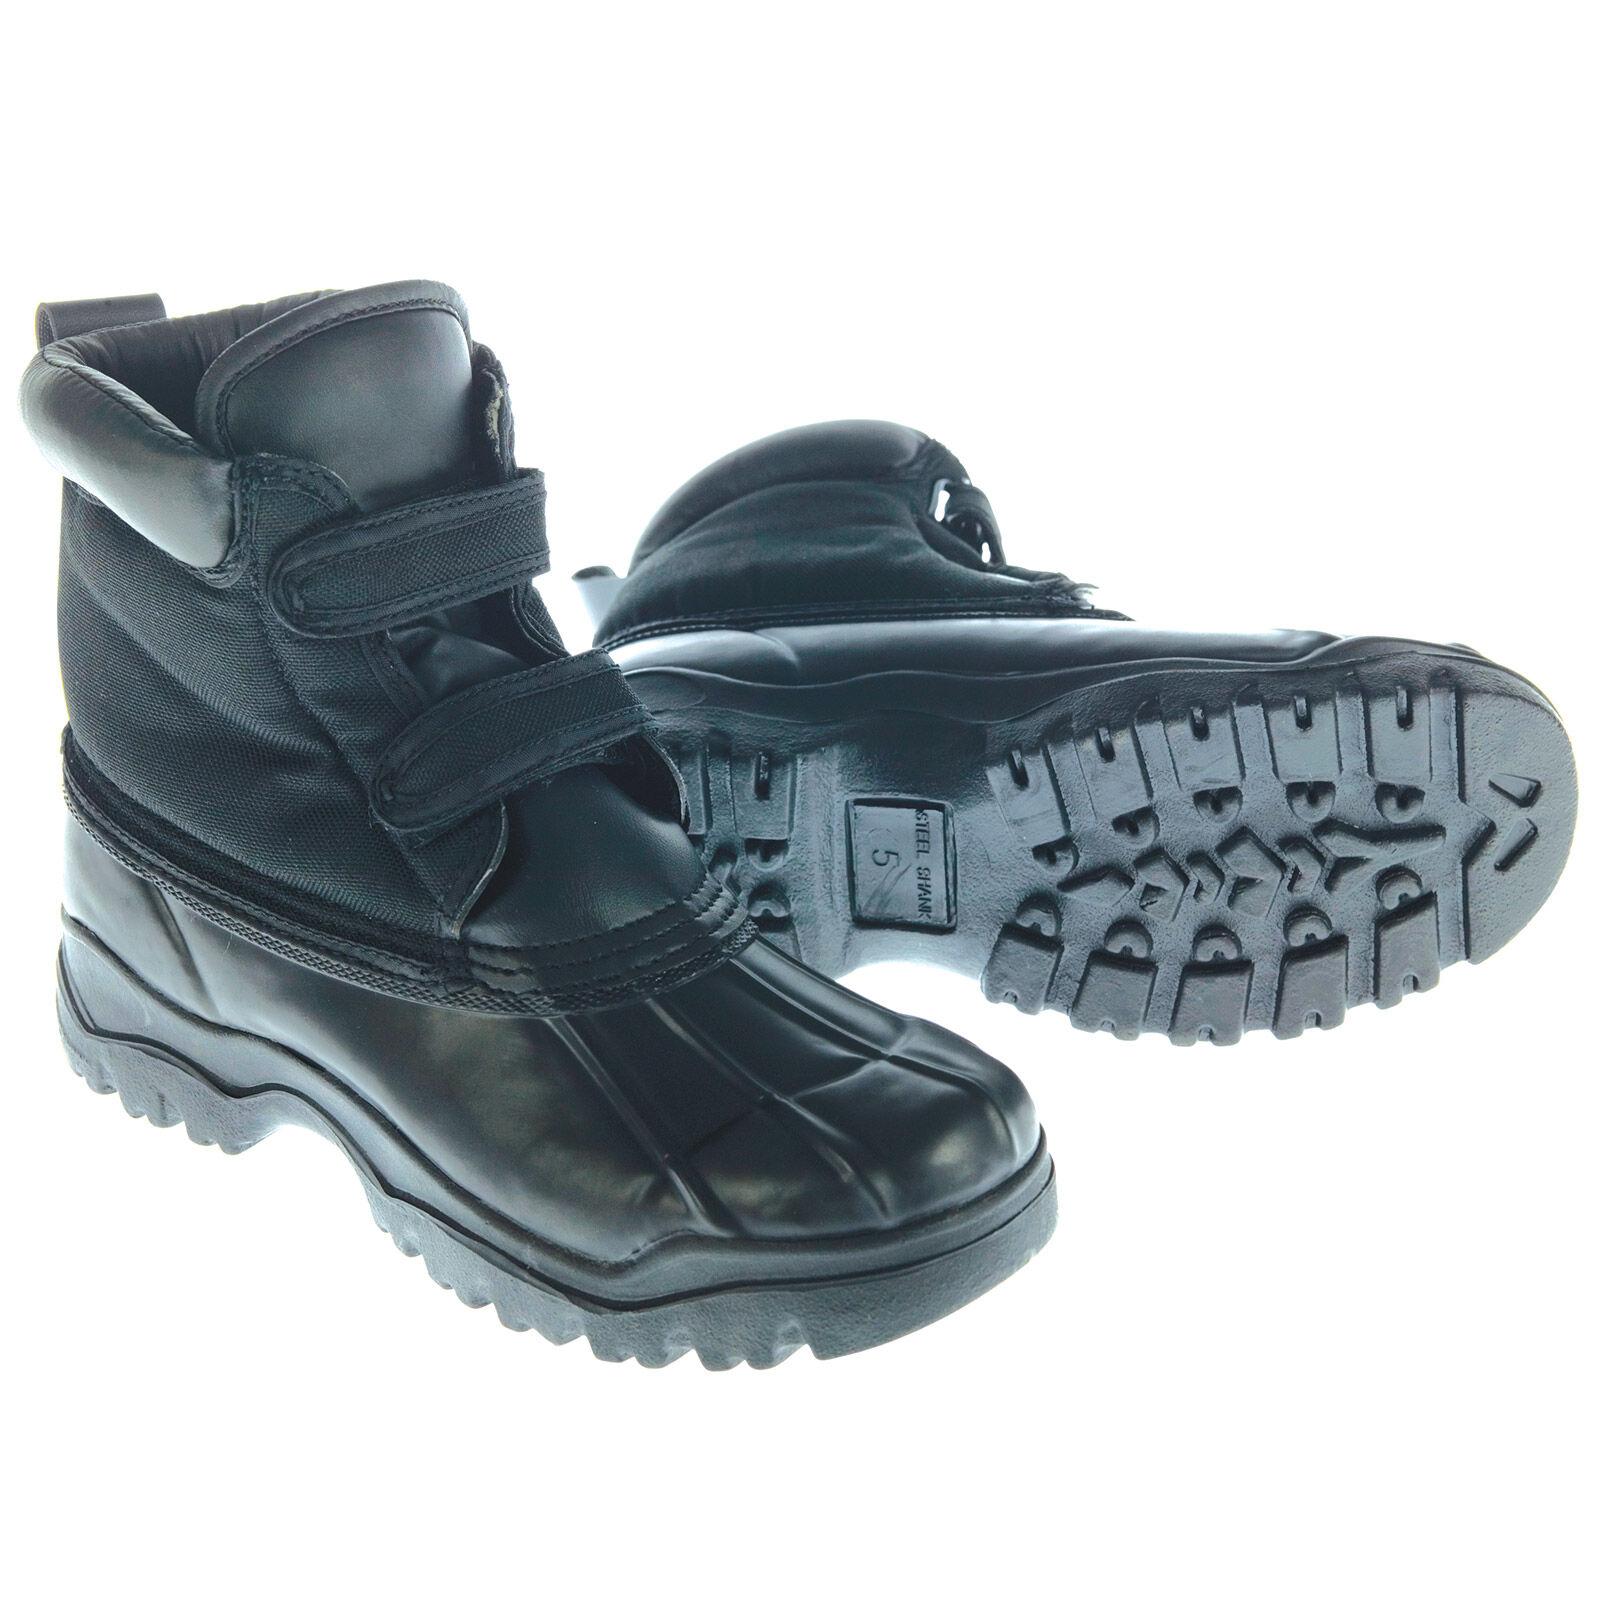 Covalliero Chaussures Noires Pour L'hiver Avec Des Hommes De Fermeture Velcro gSasfDn